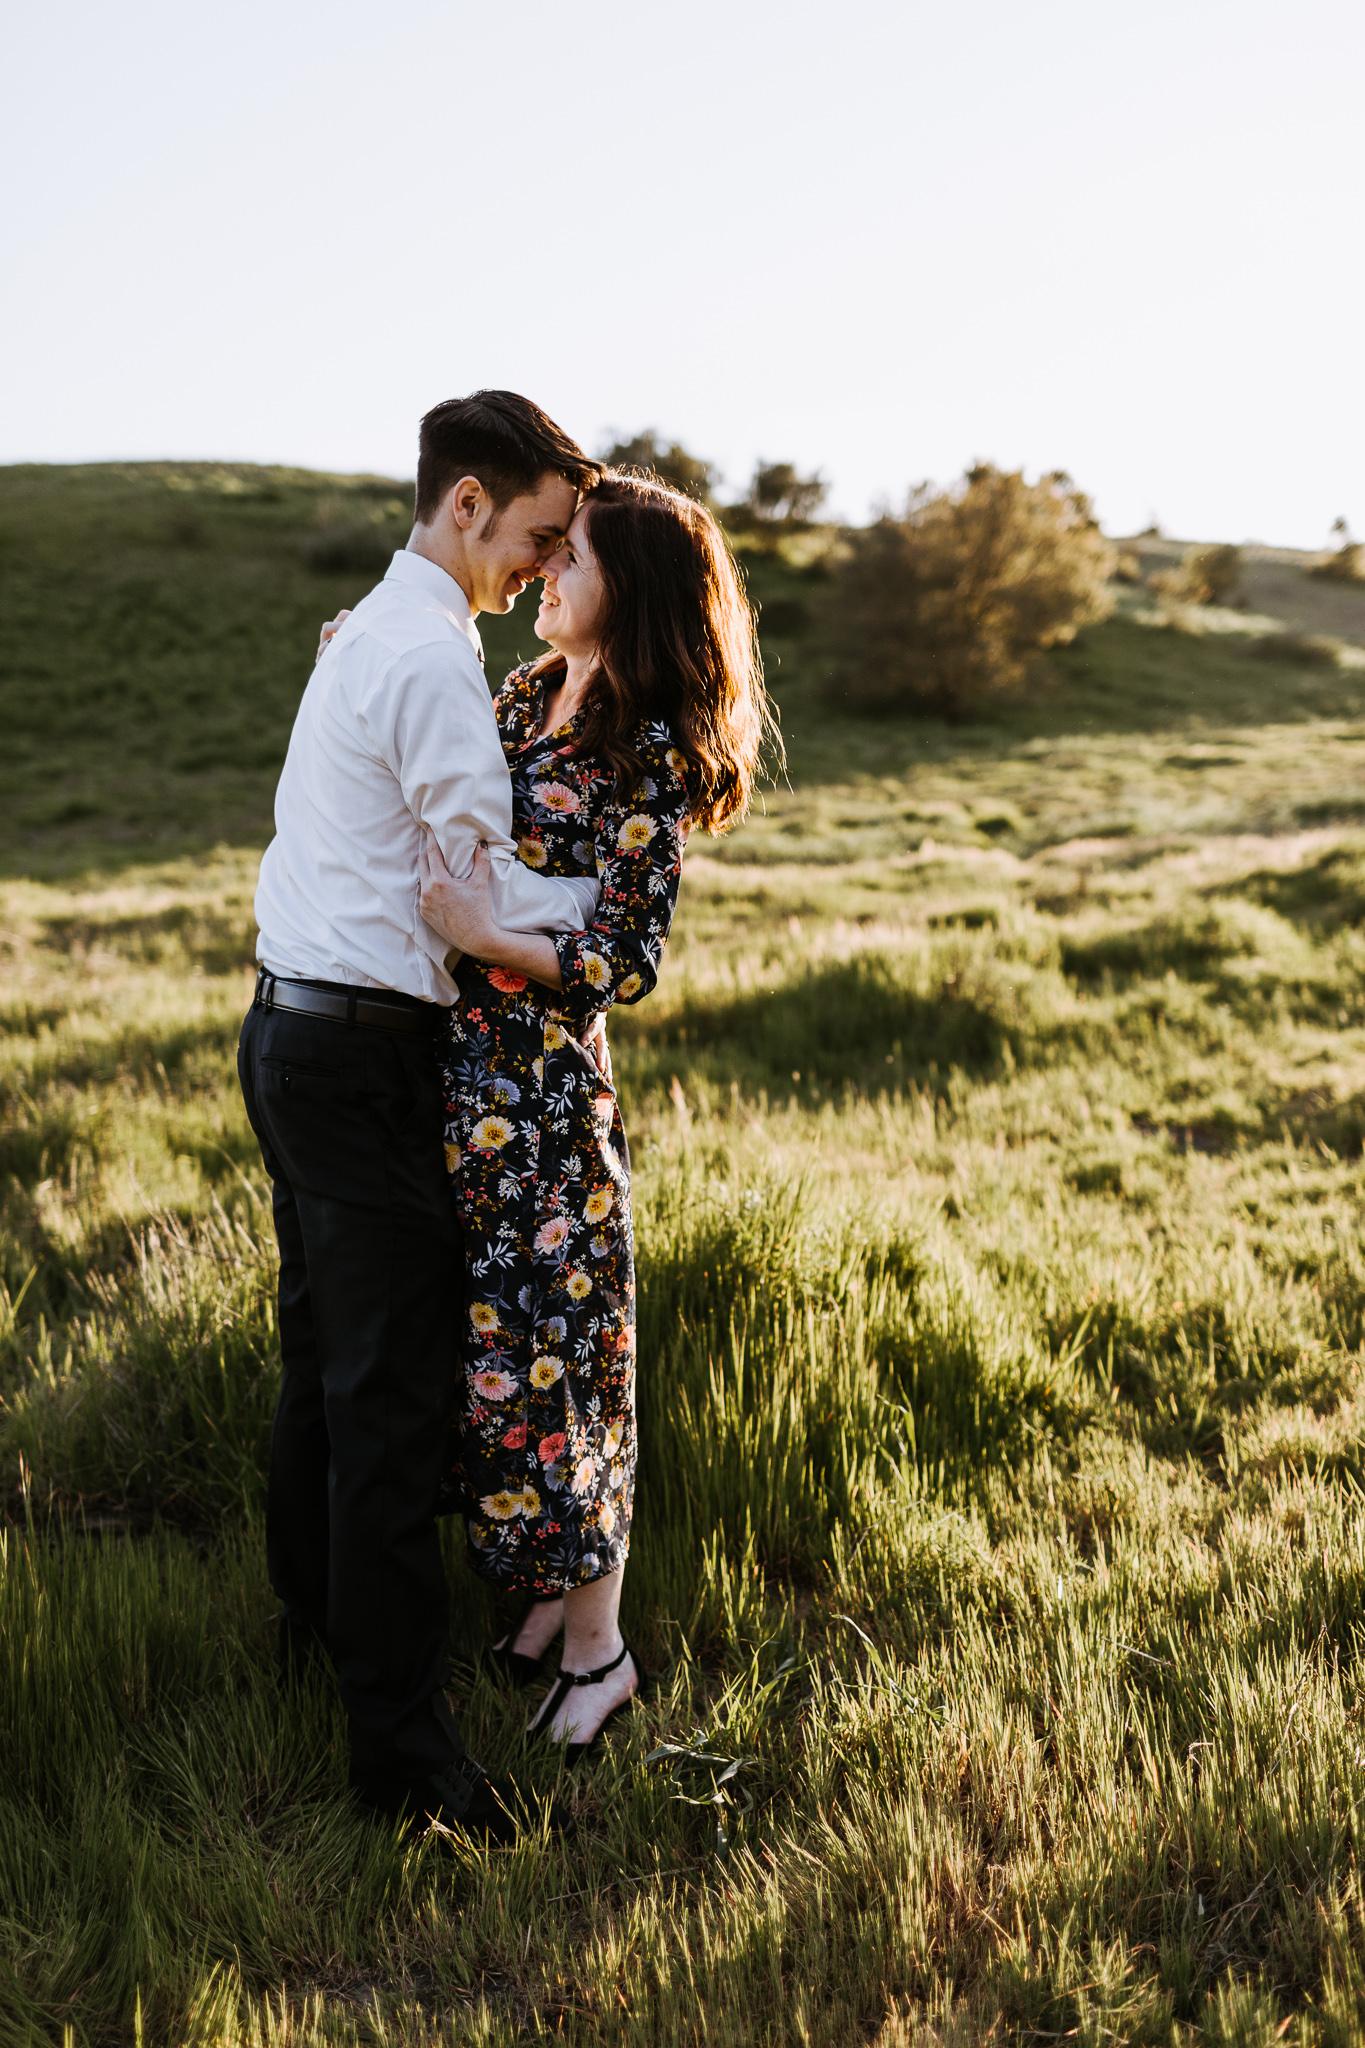 OrangeCounty-WeddingPhotographer-MeredithLynnePhotography-15.jpg